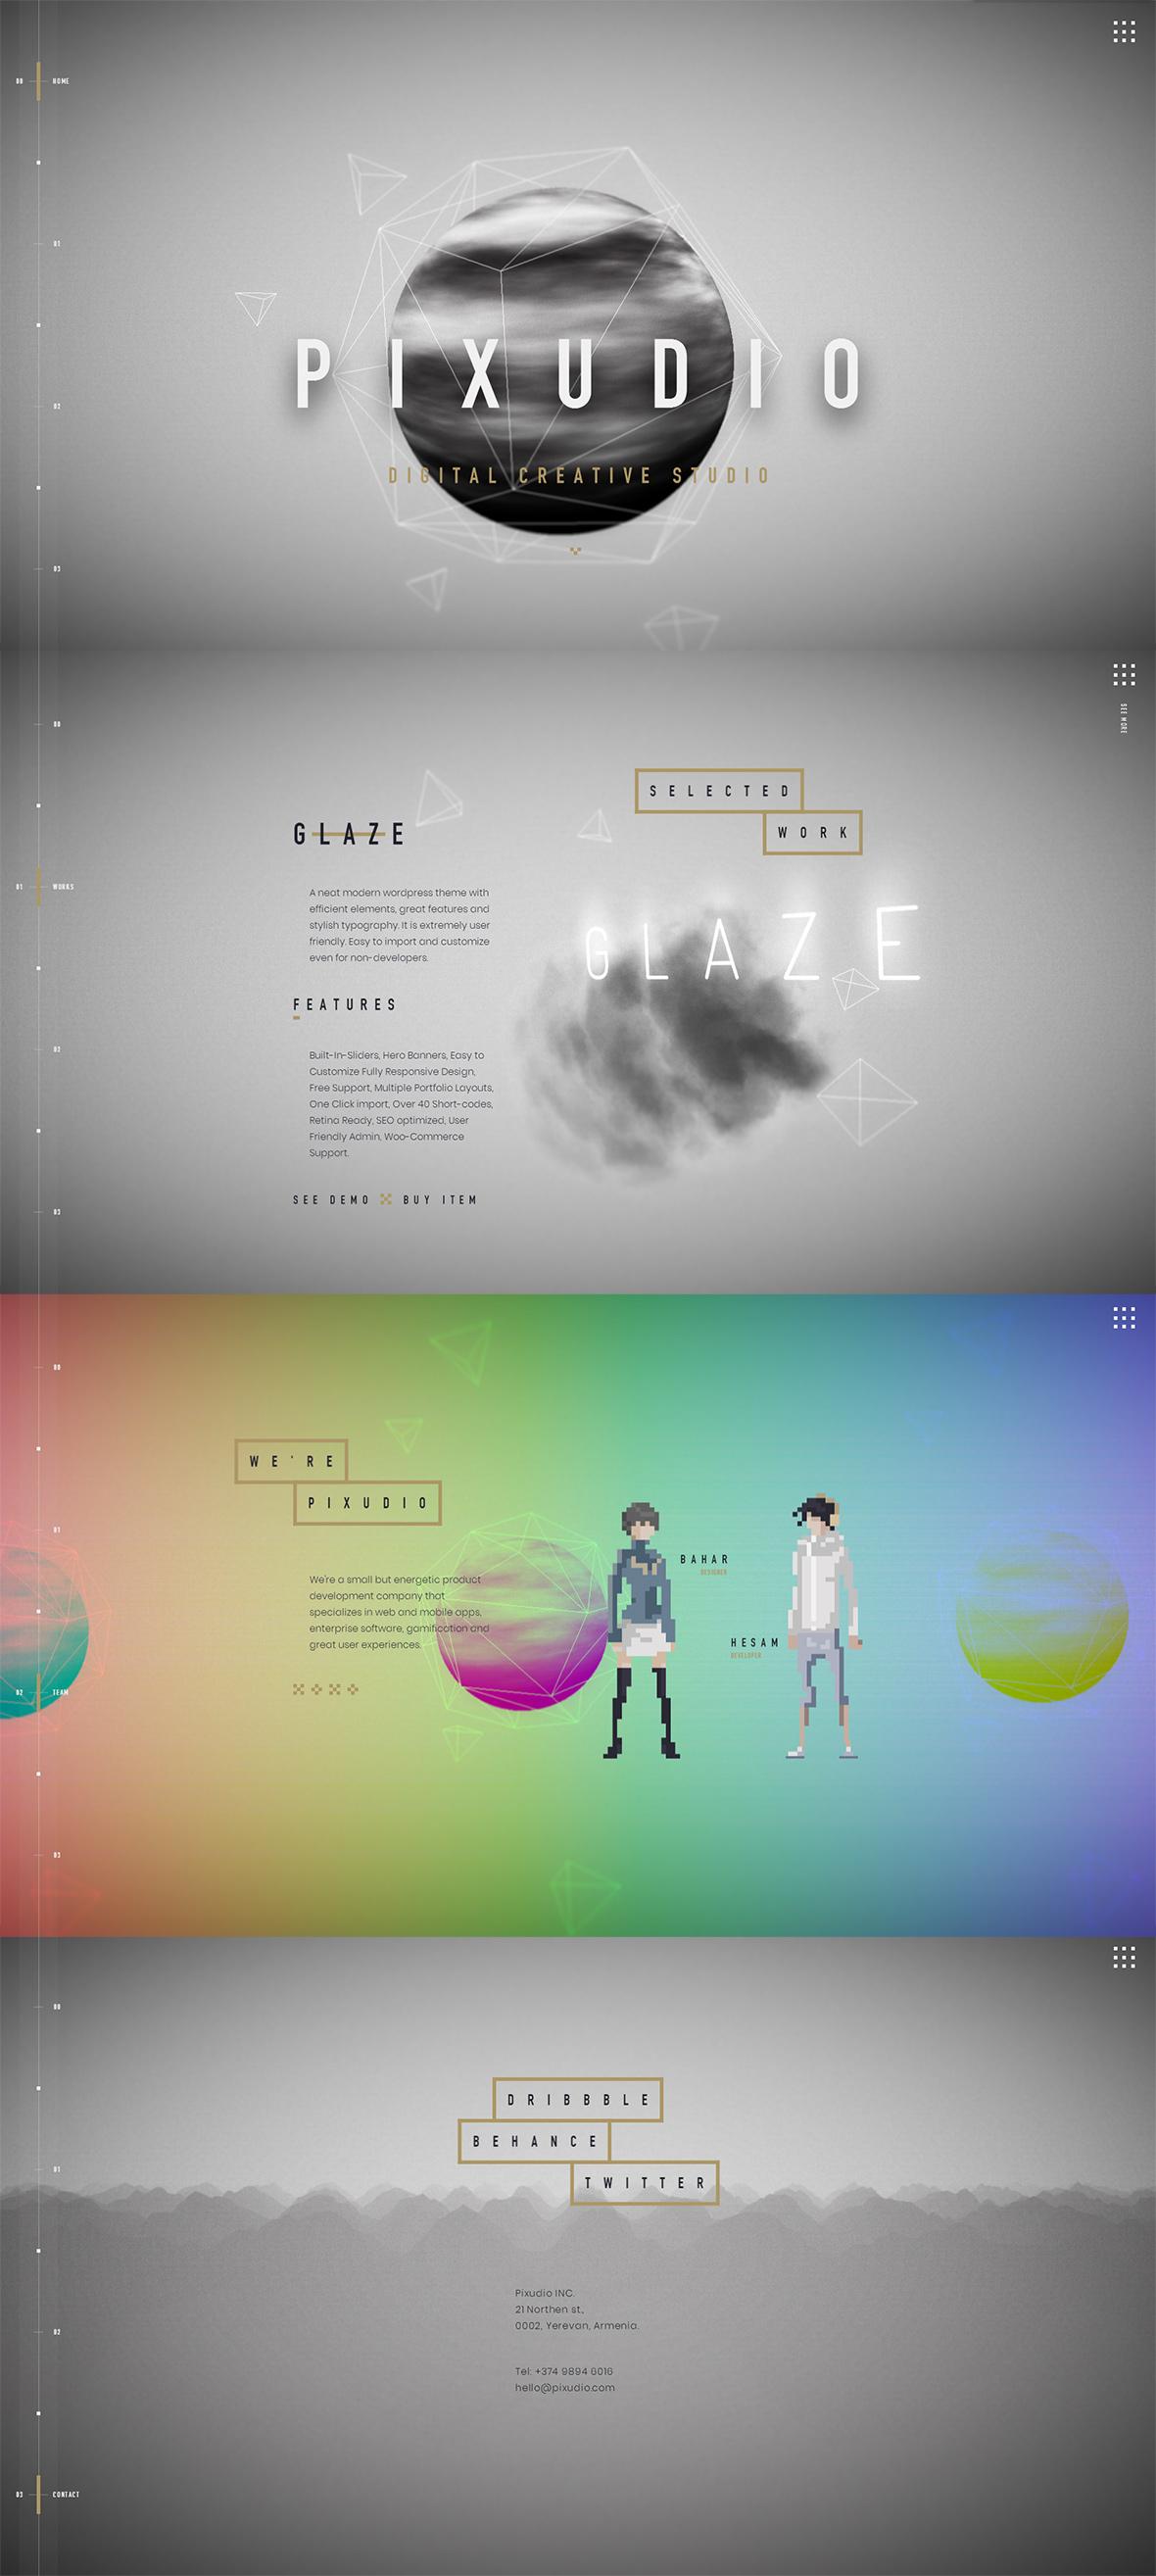 pixudio-创意,网页设计,创意设计,创意网站,字体设计,创意作品,设计作品,网站欣赏,优,ui设计,设计,设计师,优秀设计,设计导航,电商设计,动漫设计,三维设计,平面设计